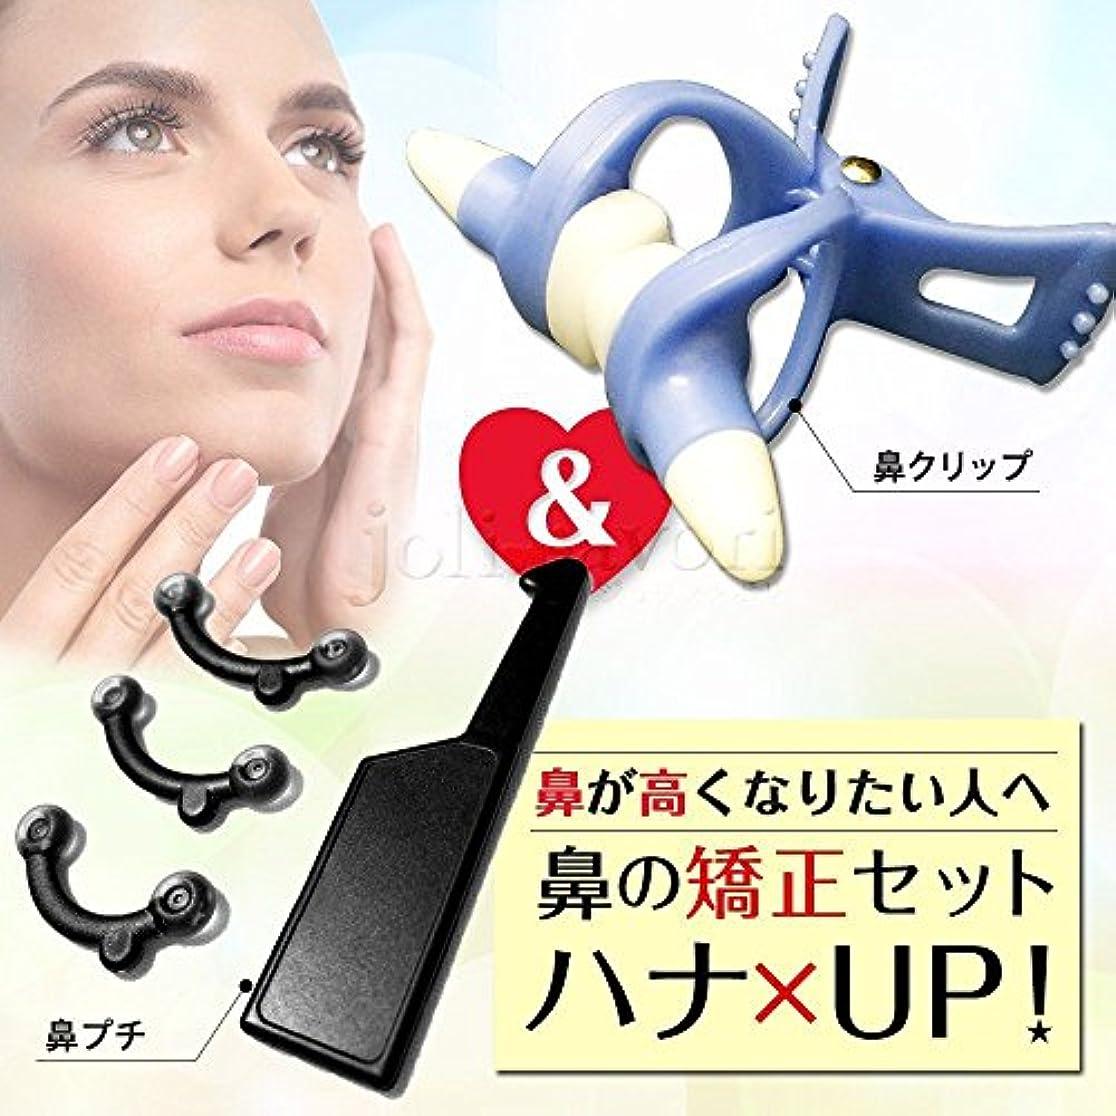 昇進政策トランスペアレント【jolifavori】鼻プチ&ノーズアップ 着けるだけ簡単!鼻メイク矯正セット